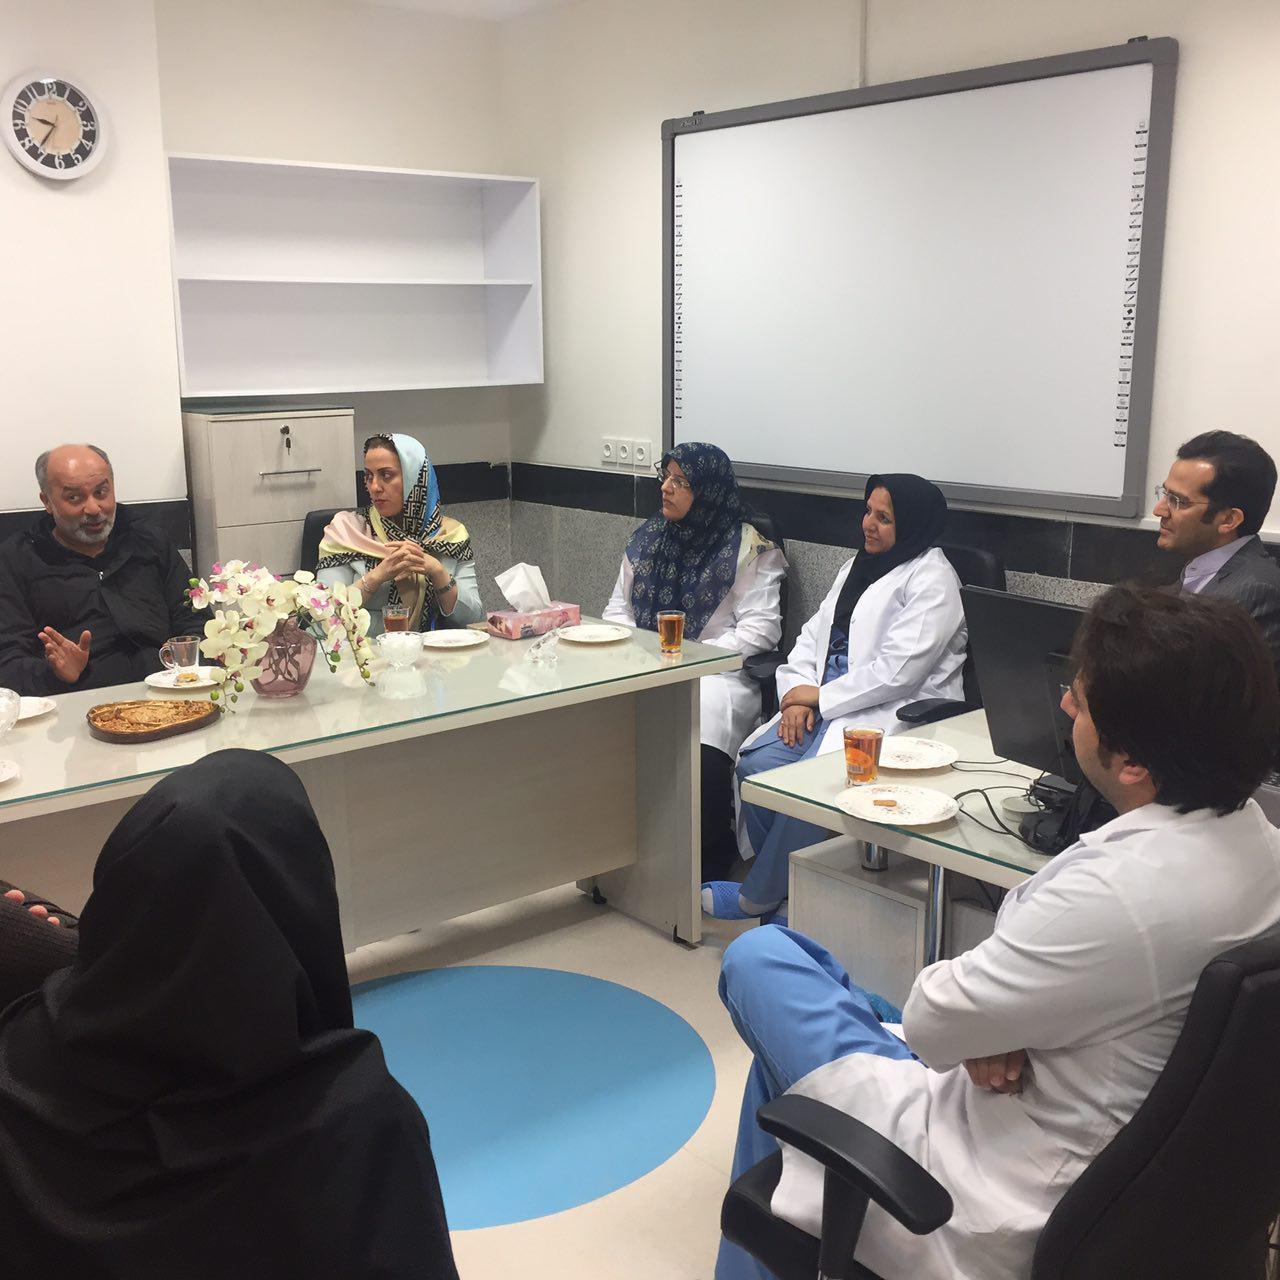 برگزاری اولین تور گردشگری سلامت کشور عمان در زاهدان